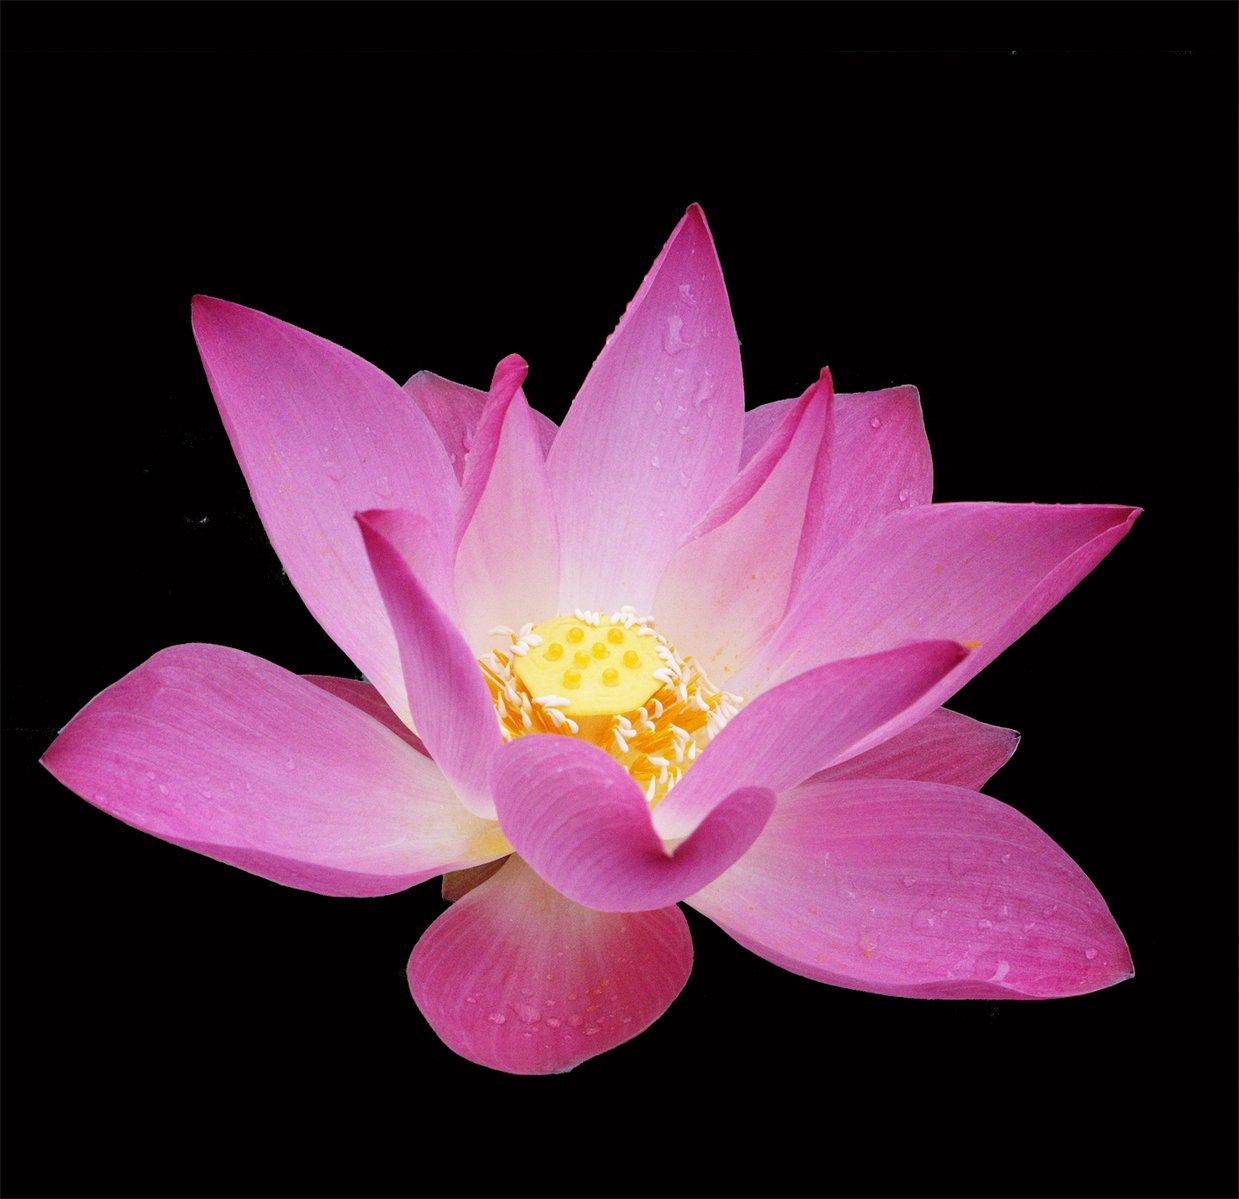 Free Ppt Backgrounds Desktop Wallpaper Flower Pink Lotus: Free Pink Lotus Stock Photo